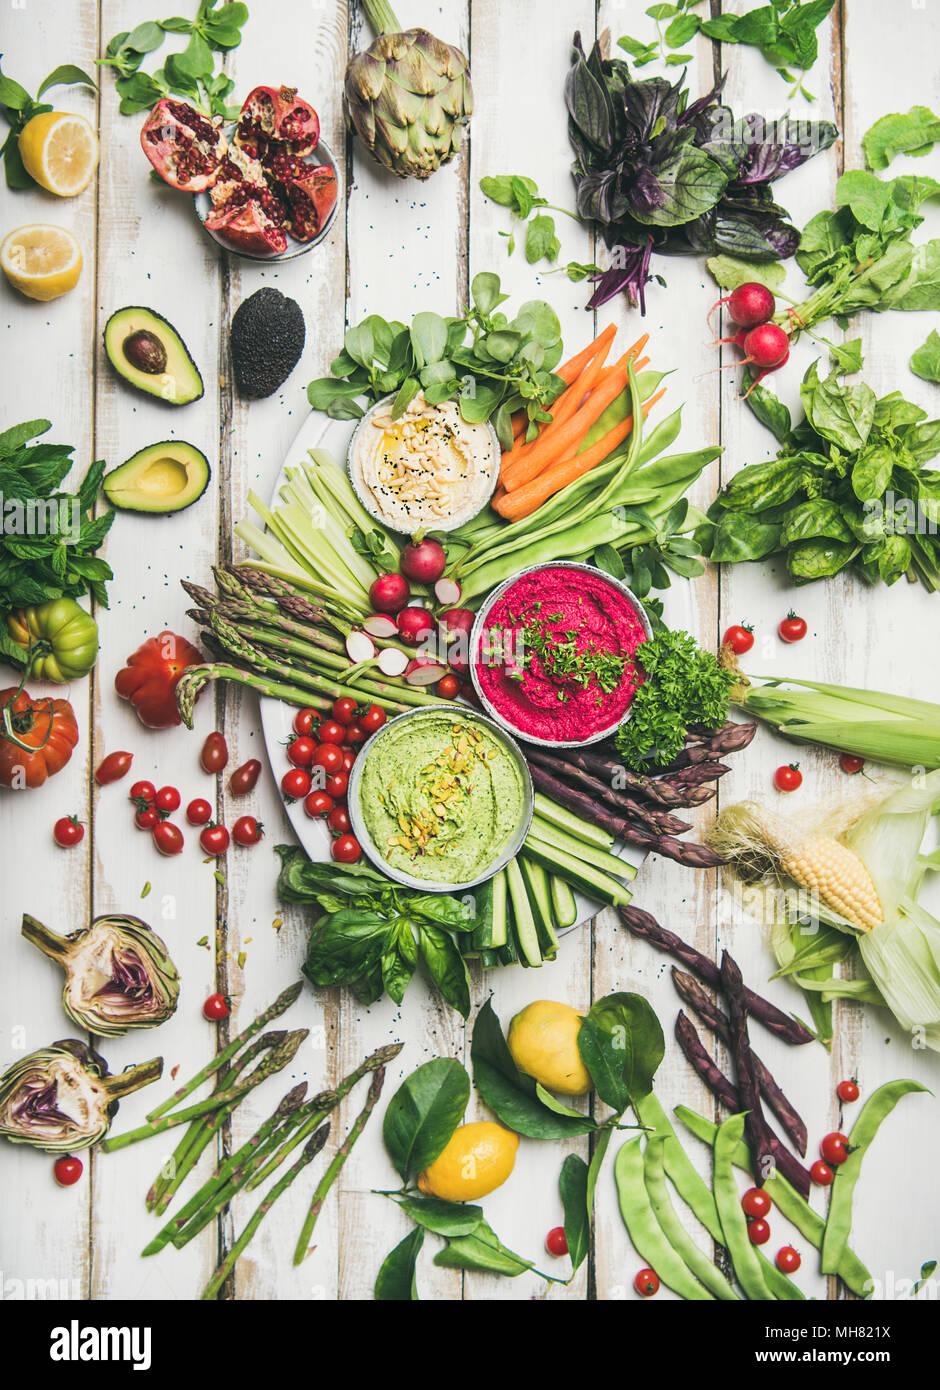 Raw vegan verano saludable plato de aperitivos Imagen De Stock